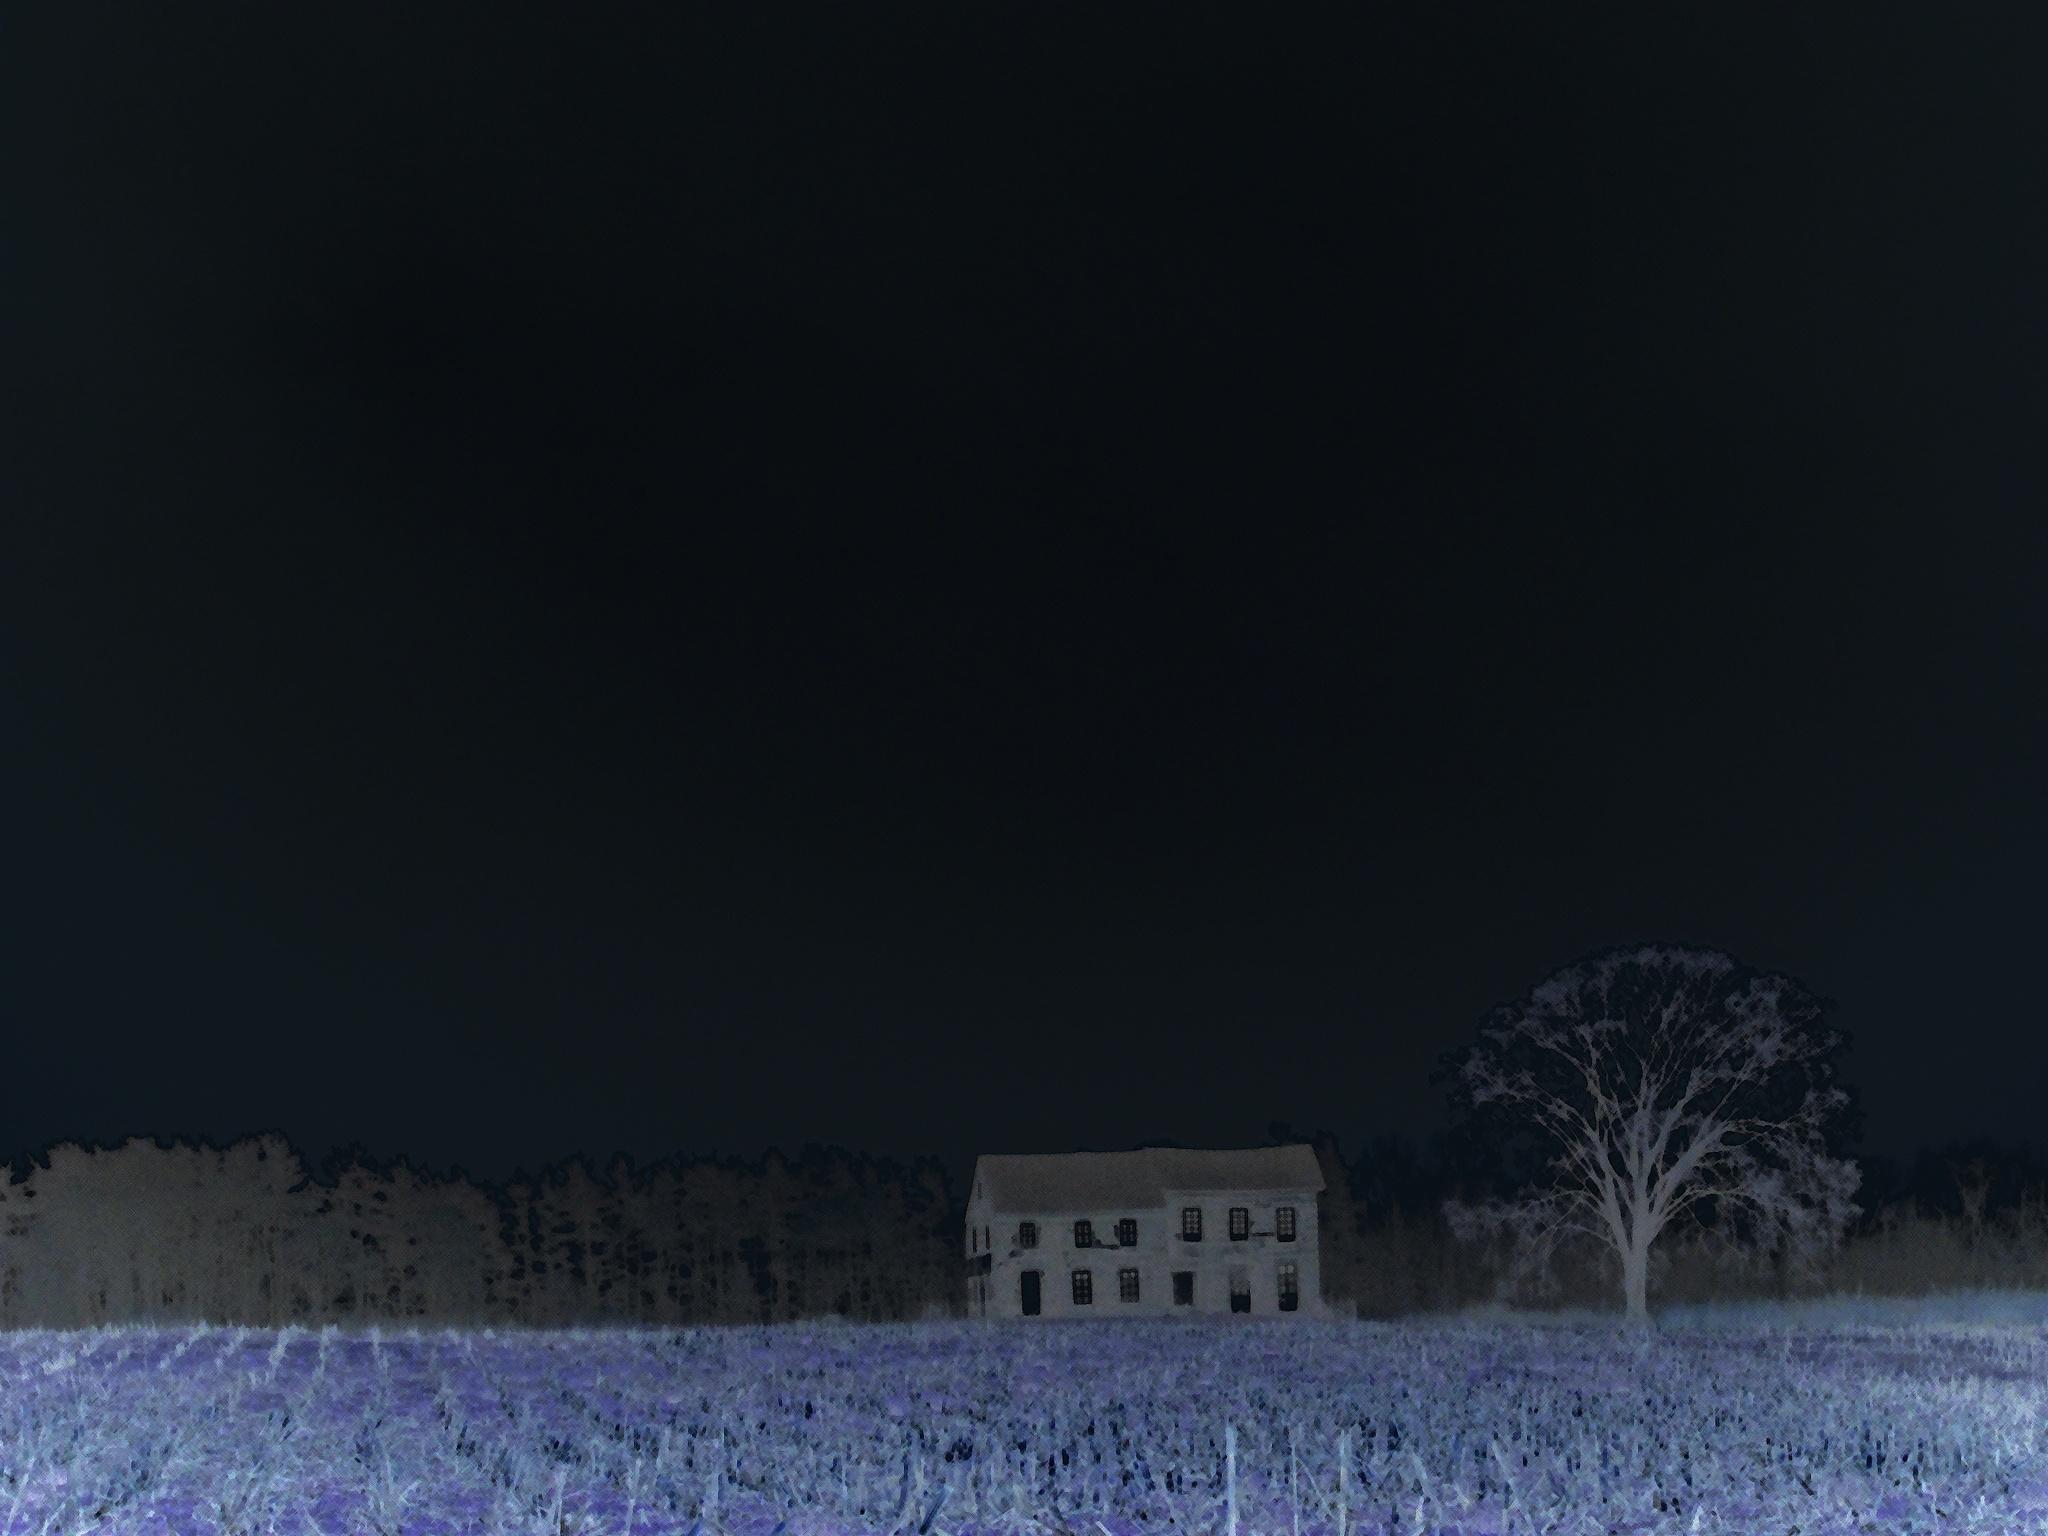 Blue nite  by Mario Muyet